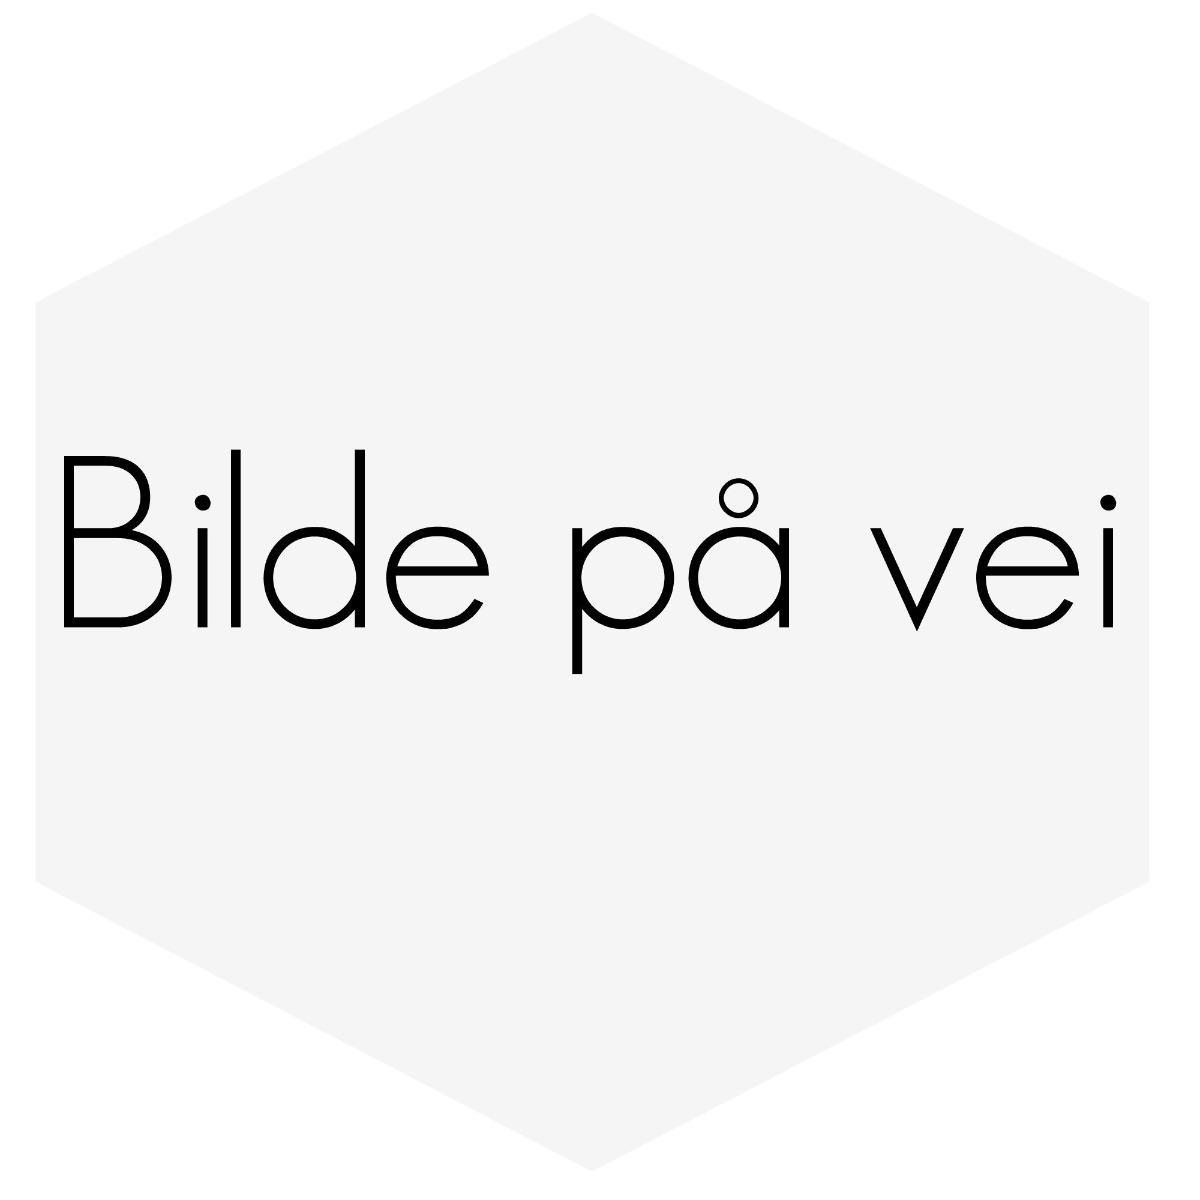 BREMSEBÅND HÅNDBREKK 850 / V70-AWD 97-00   272249, 30666345